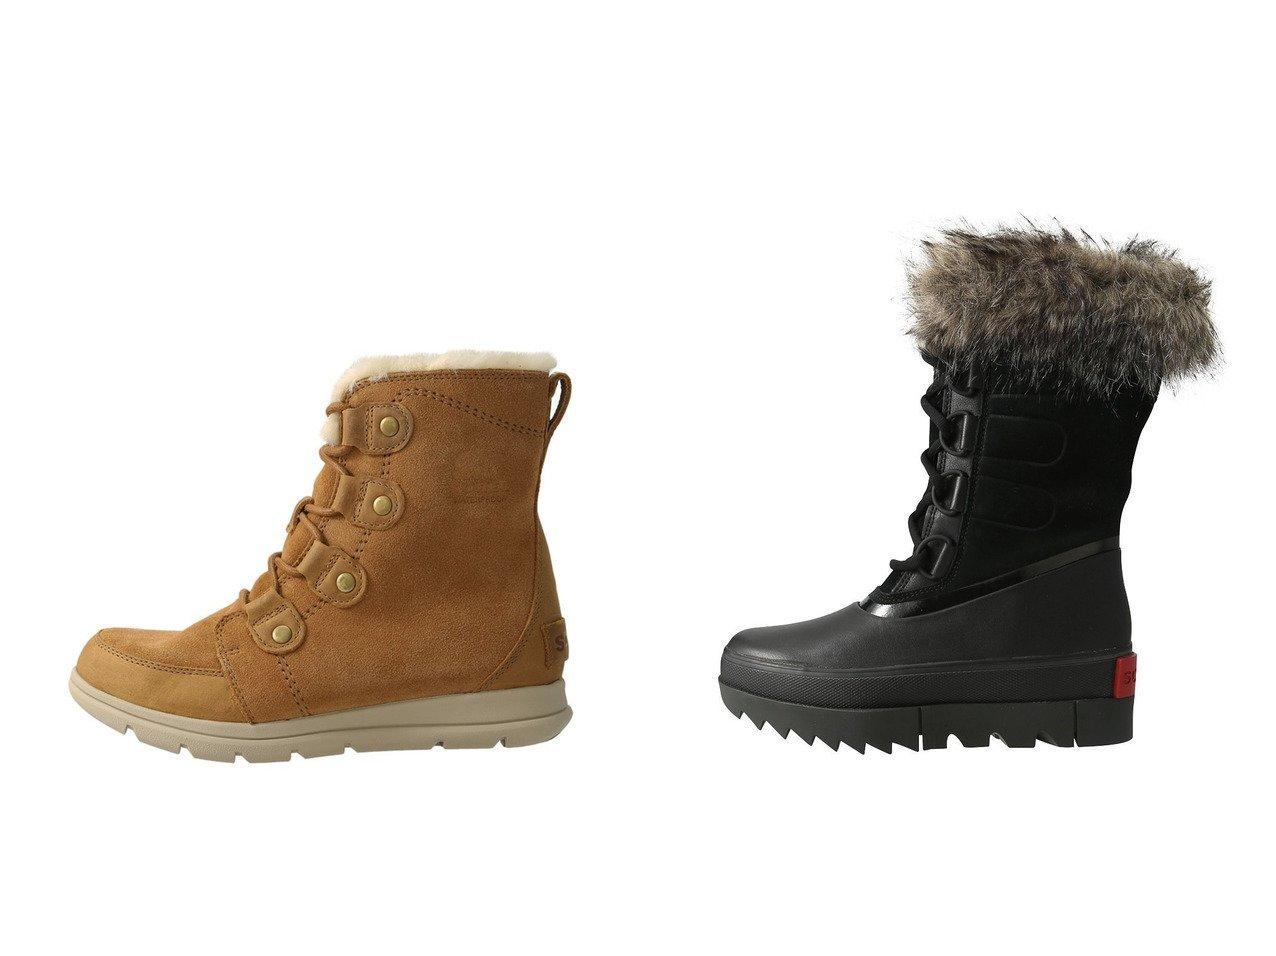 【SOREL/ソレル】のソレルエクスプローラージョアン スノーブーツ&ジョアンオブアークティックネクスト ロングブーツ/スノーブーツ シューズ・靴のおすすめ!人気、レディースファッションの通販  おすすめで人気のファッション通販商品 インテリア・家具・キッズファッション・メンズファッション・レディースファッション・服の通販 founy(ファニー) https://founy.com/ ファッション Fashion レディース WOMEN ショート ラバー ロング 人気 定番 軽量 アウトドア ミドル |ID:crp329100000000092